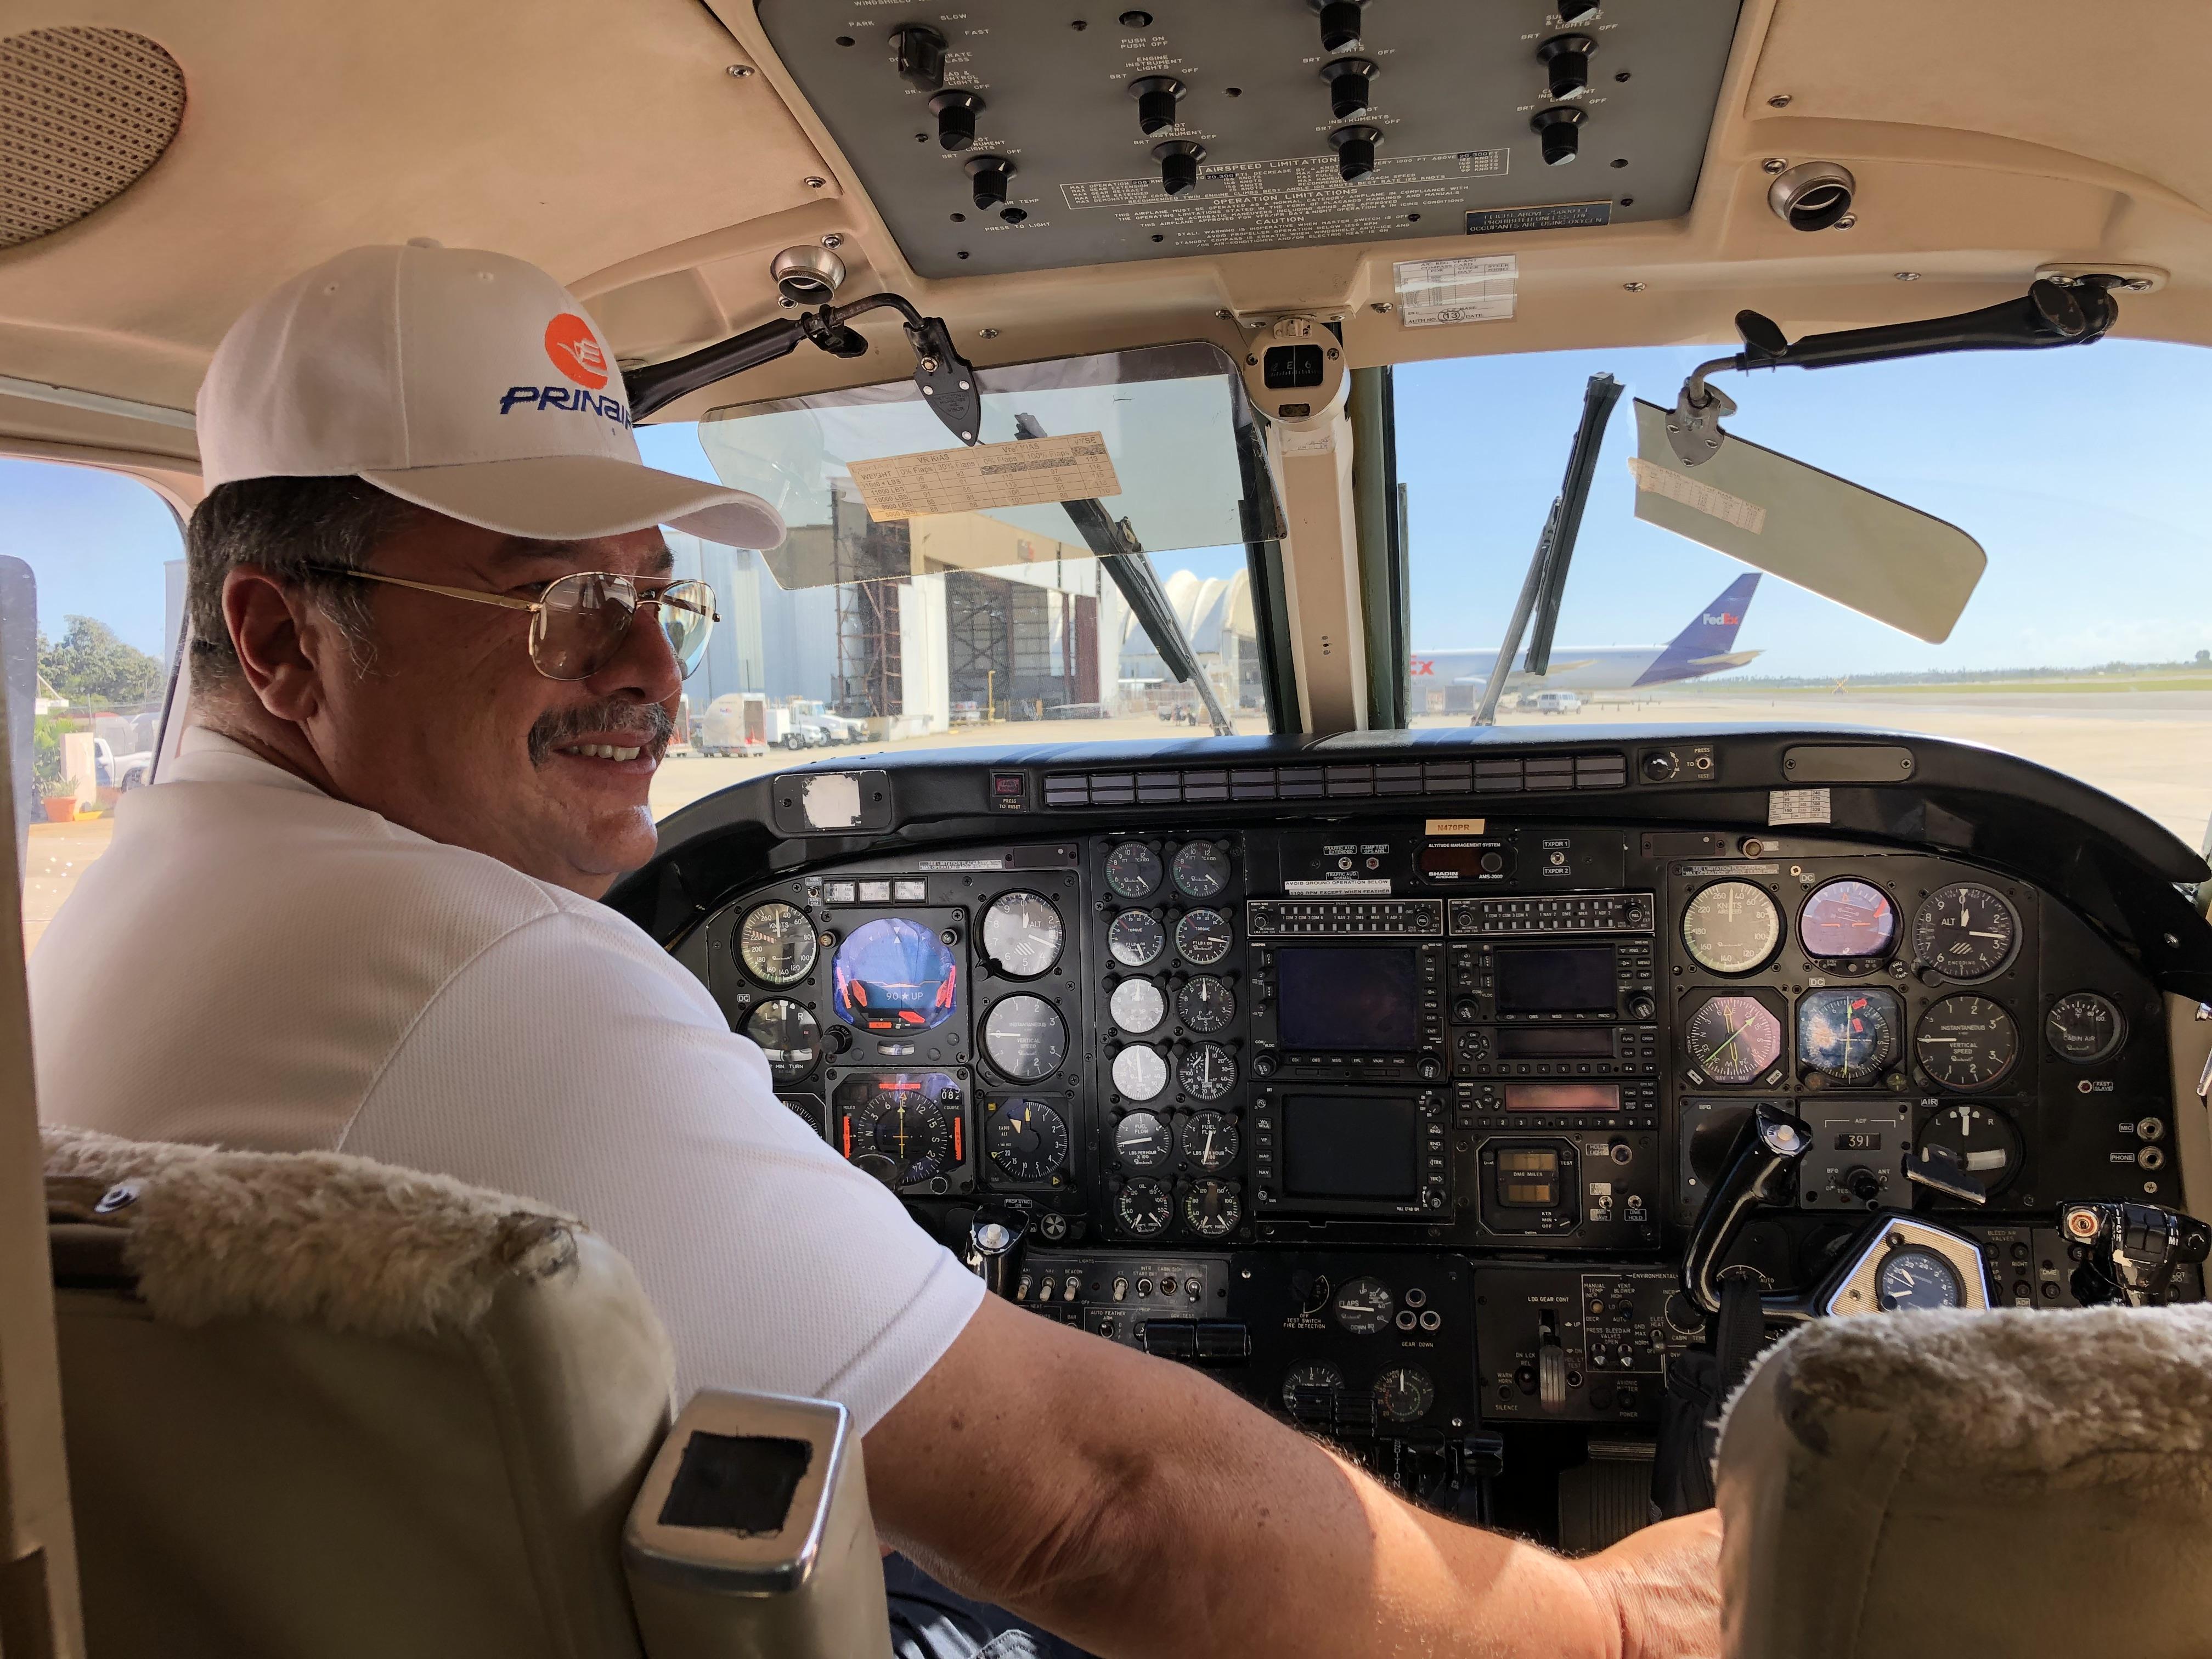 Apertura de ruta de Prinair con Punta Cana fortalecerá economía del área oeste del país